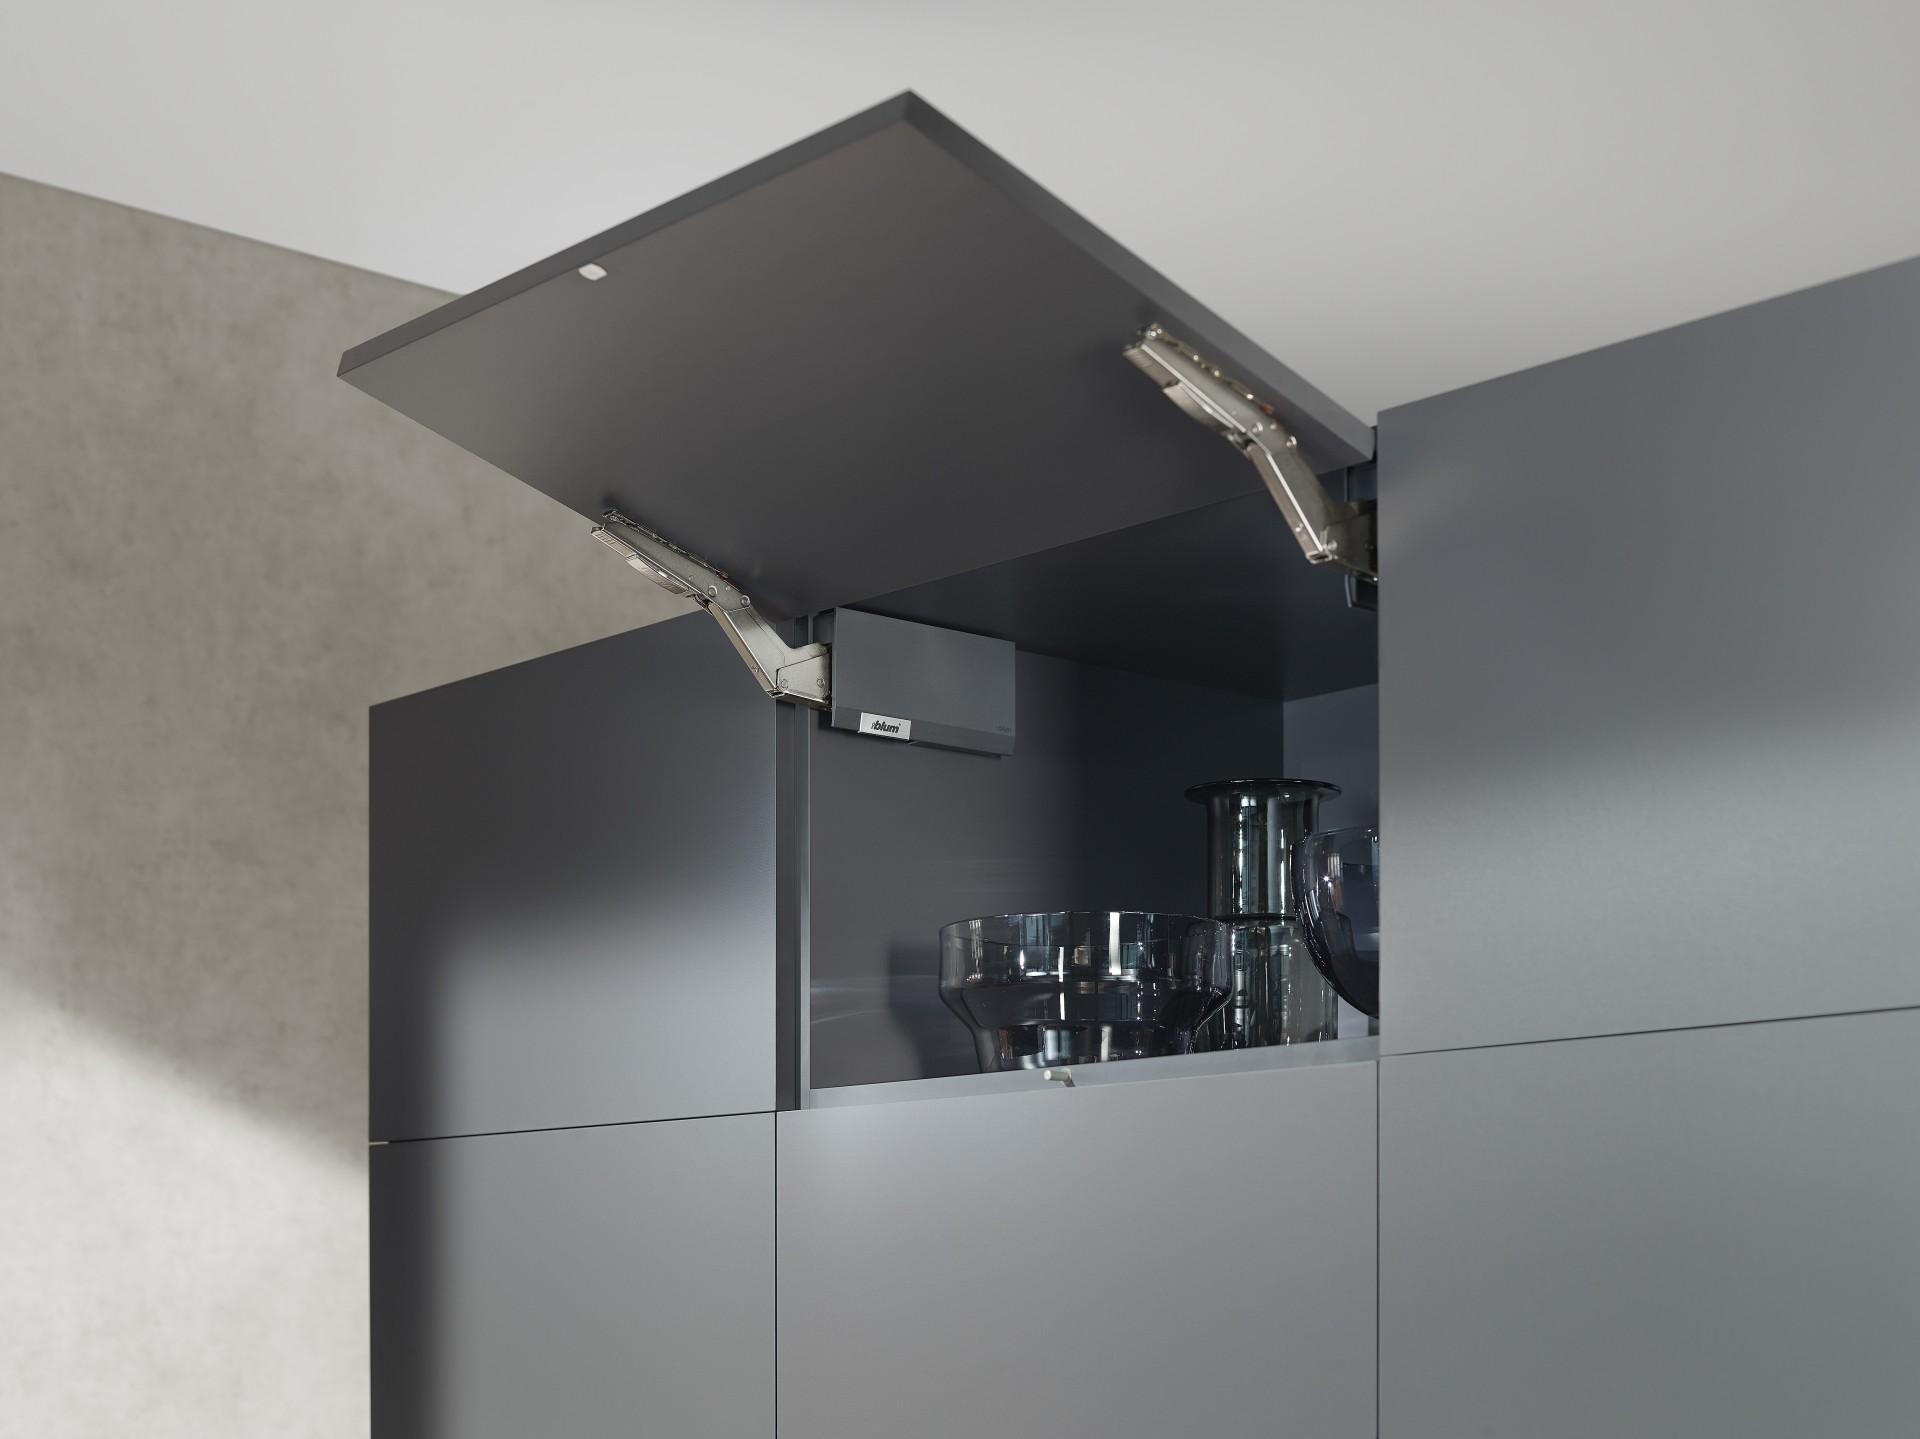 Dark kitchen with dark interior 3